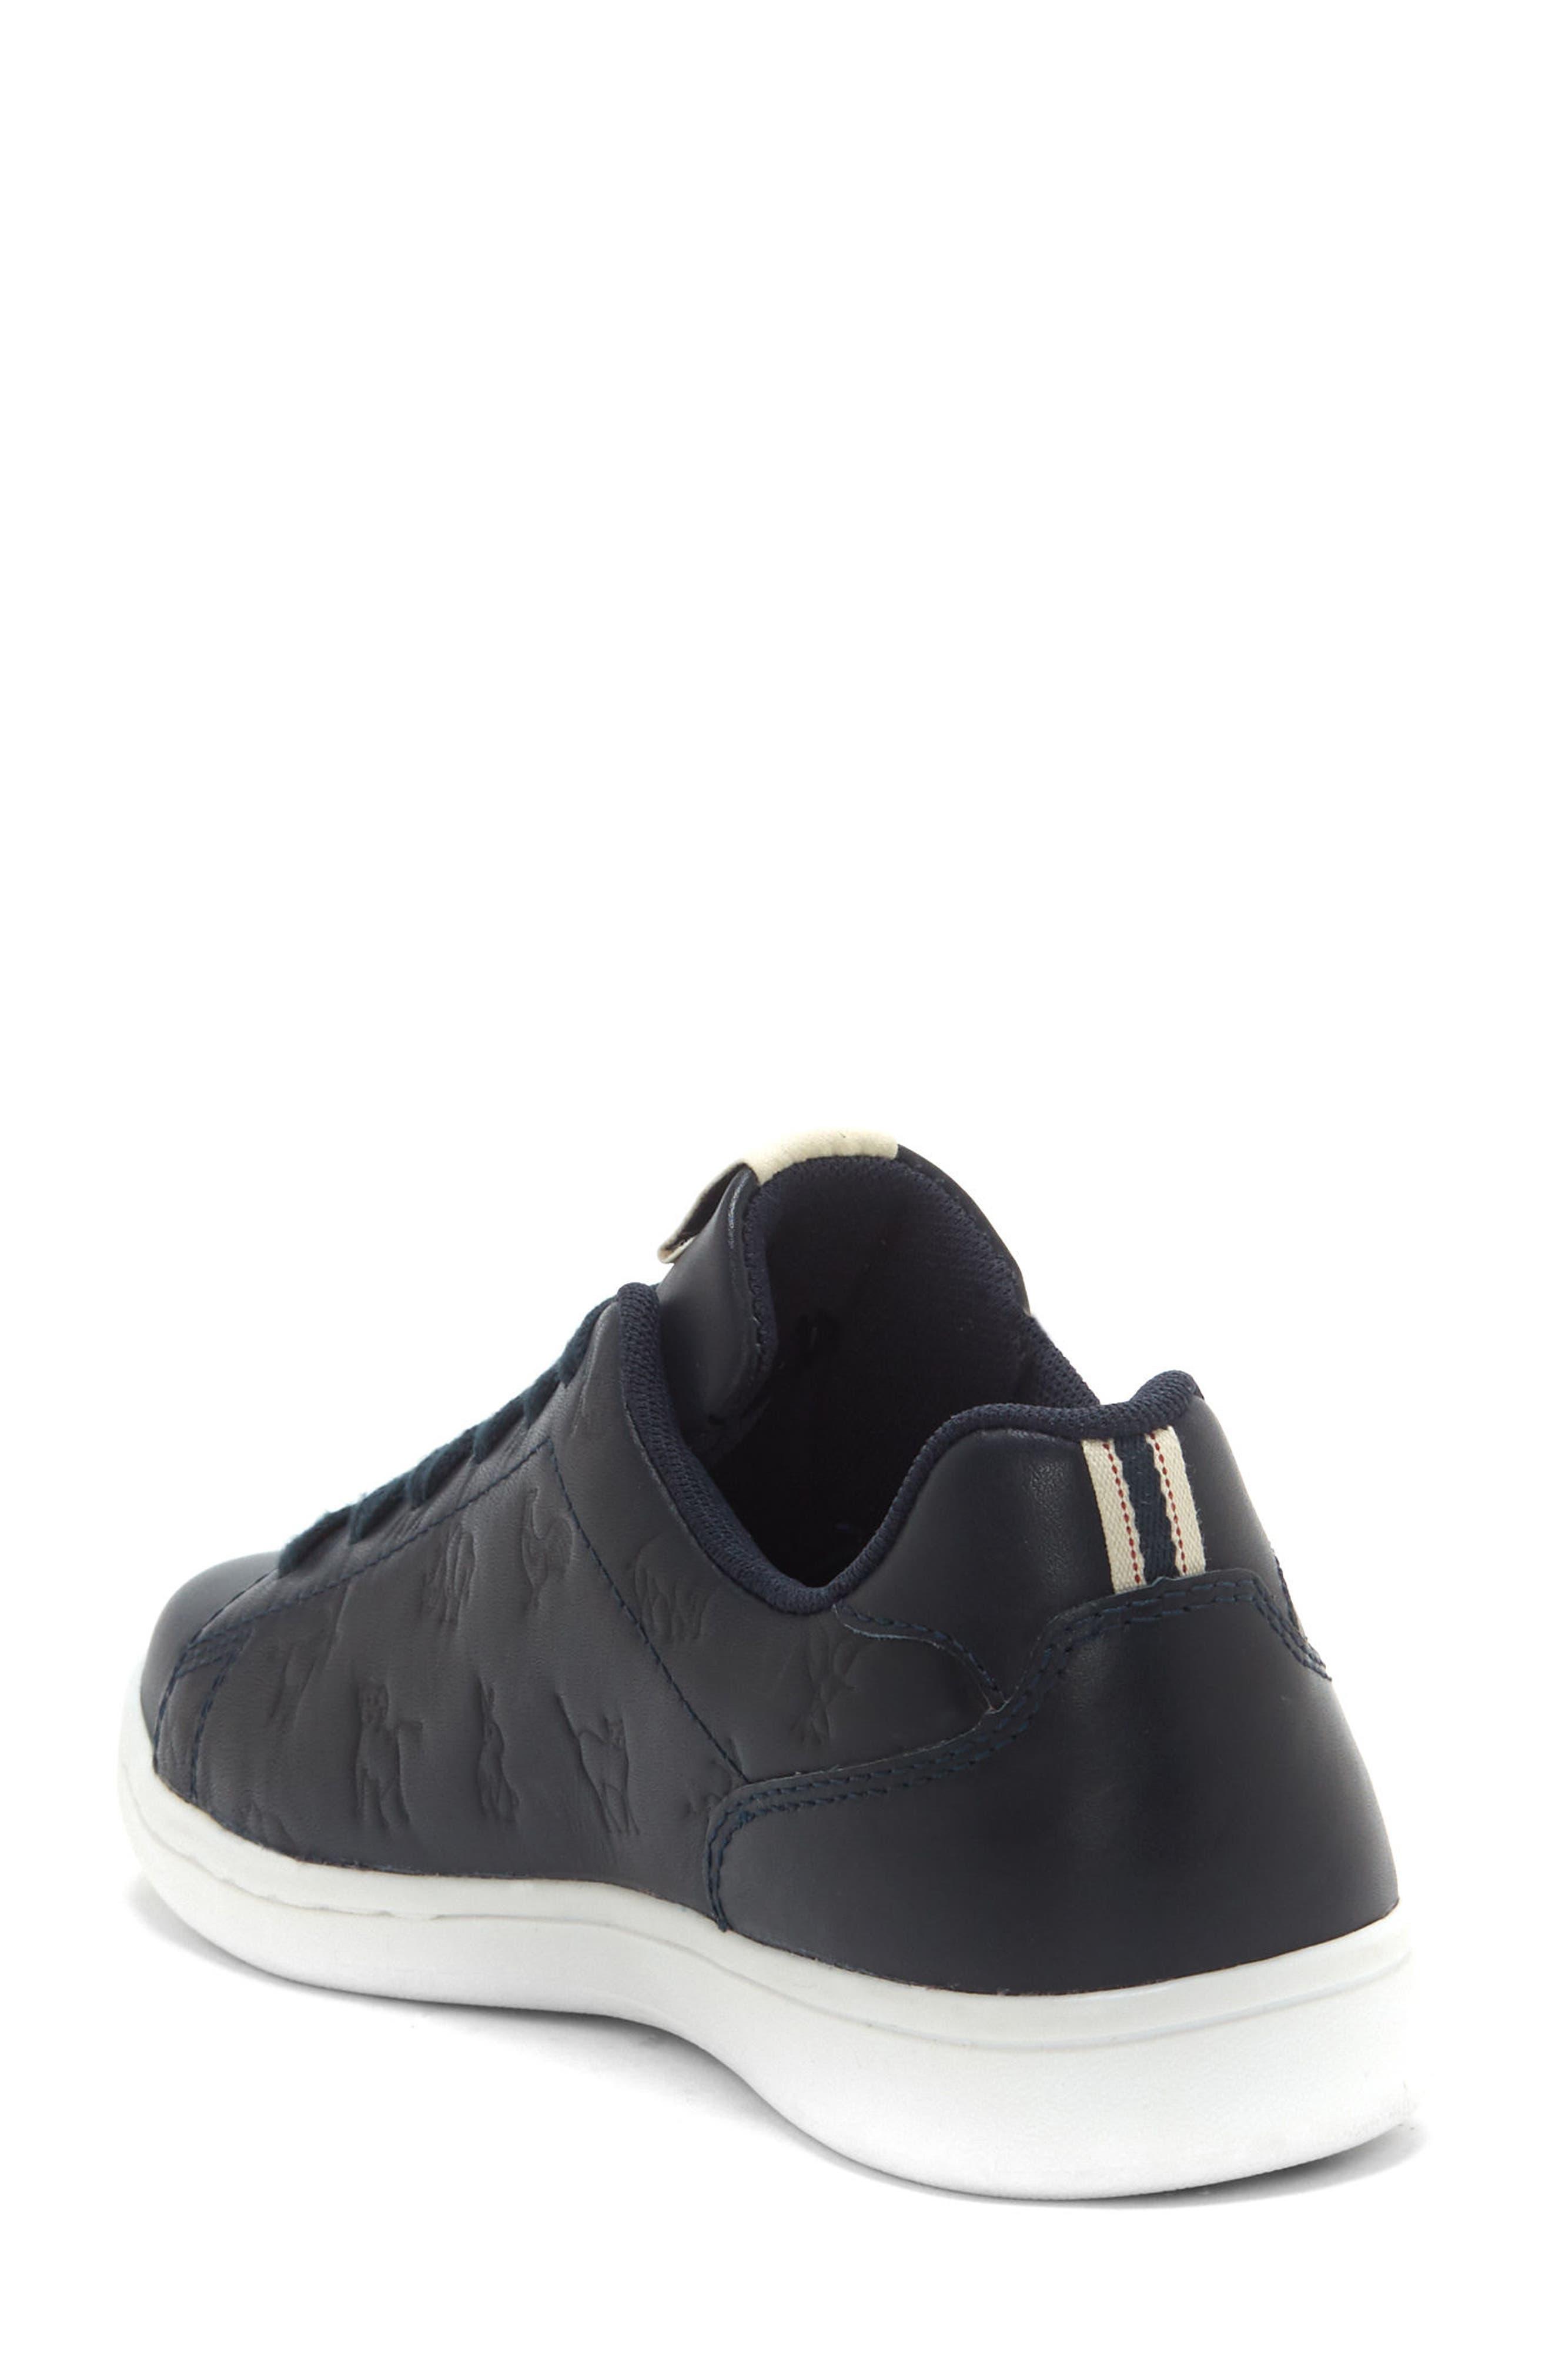 Alternate Image 2  - ED Ellen DeGeneres Chaboss Sneaker (Women)